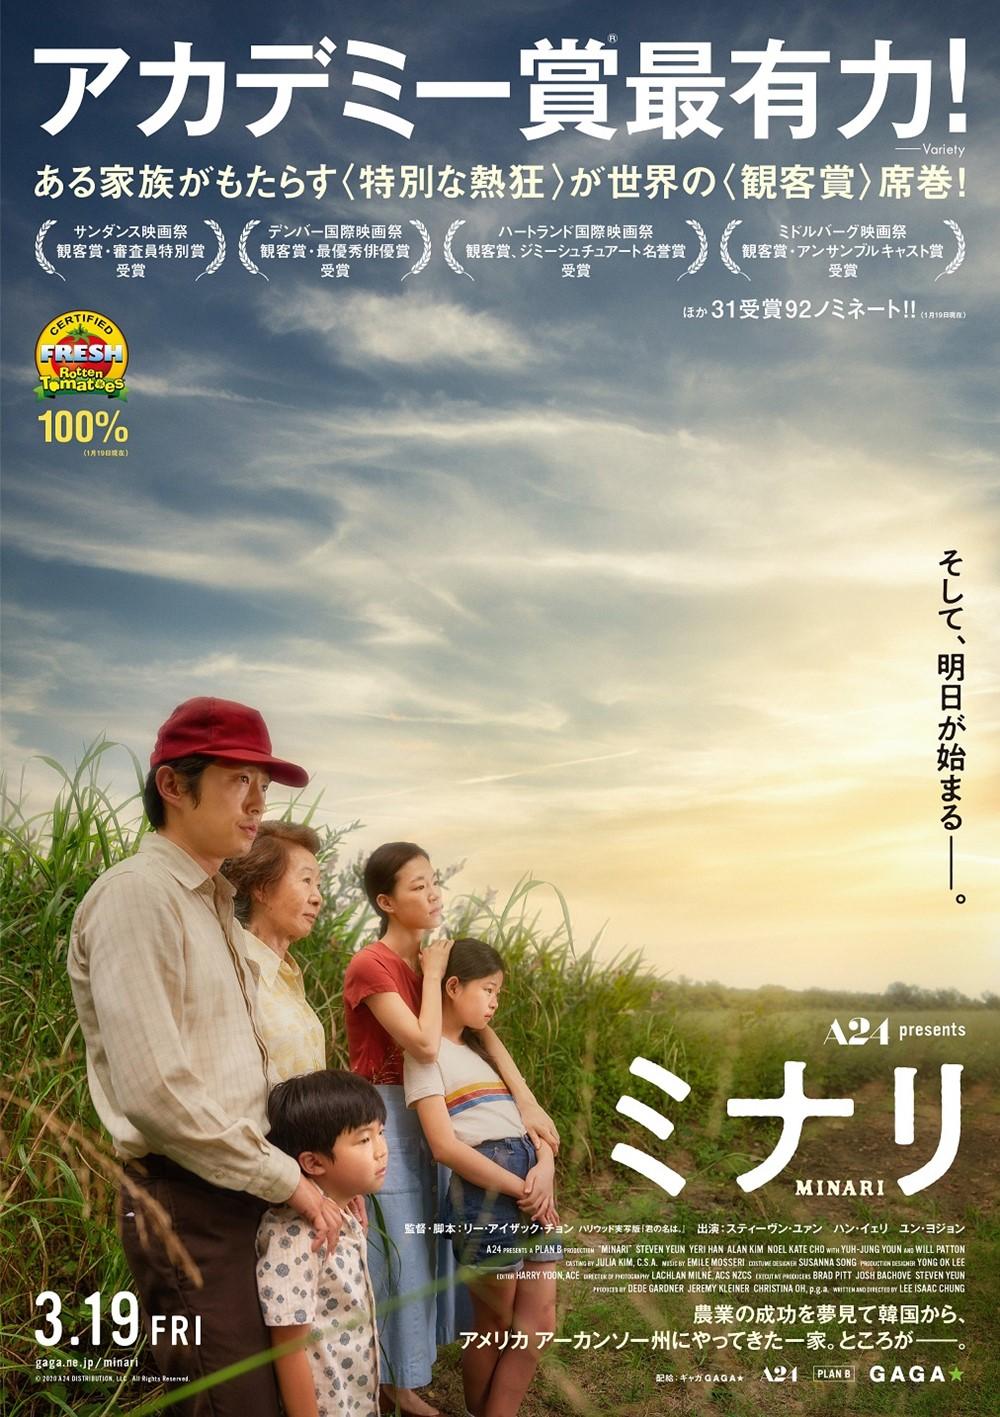 【画像】映画『ミナリ』(MINARI) ポスタービジュアル